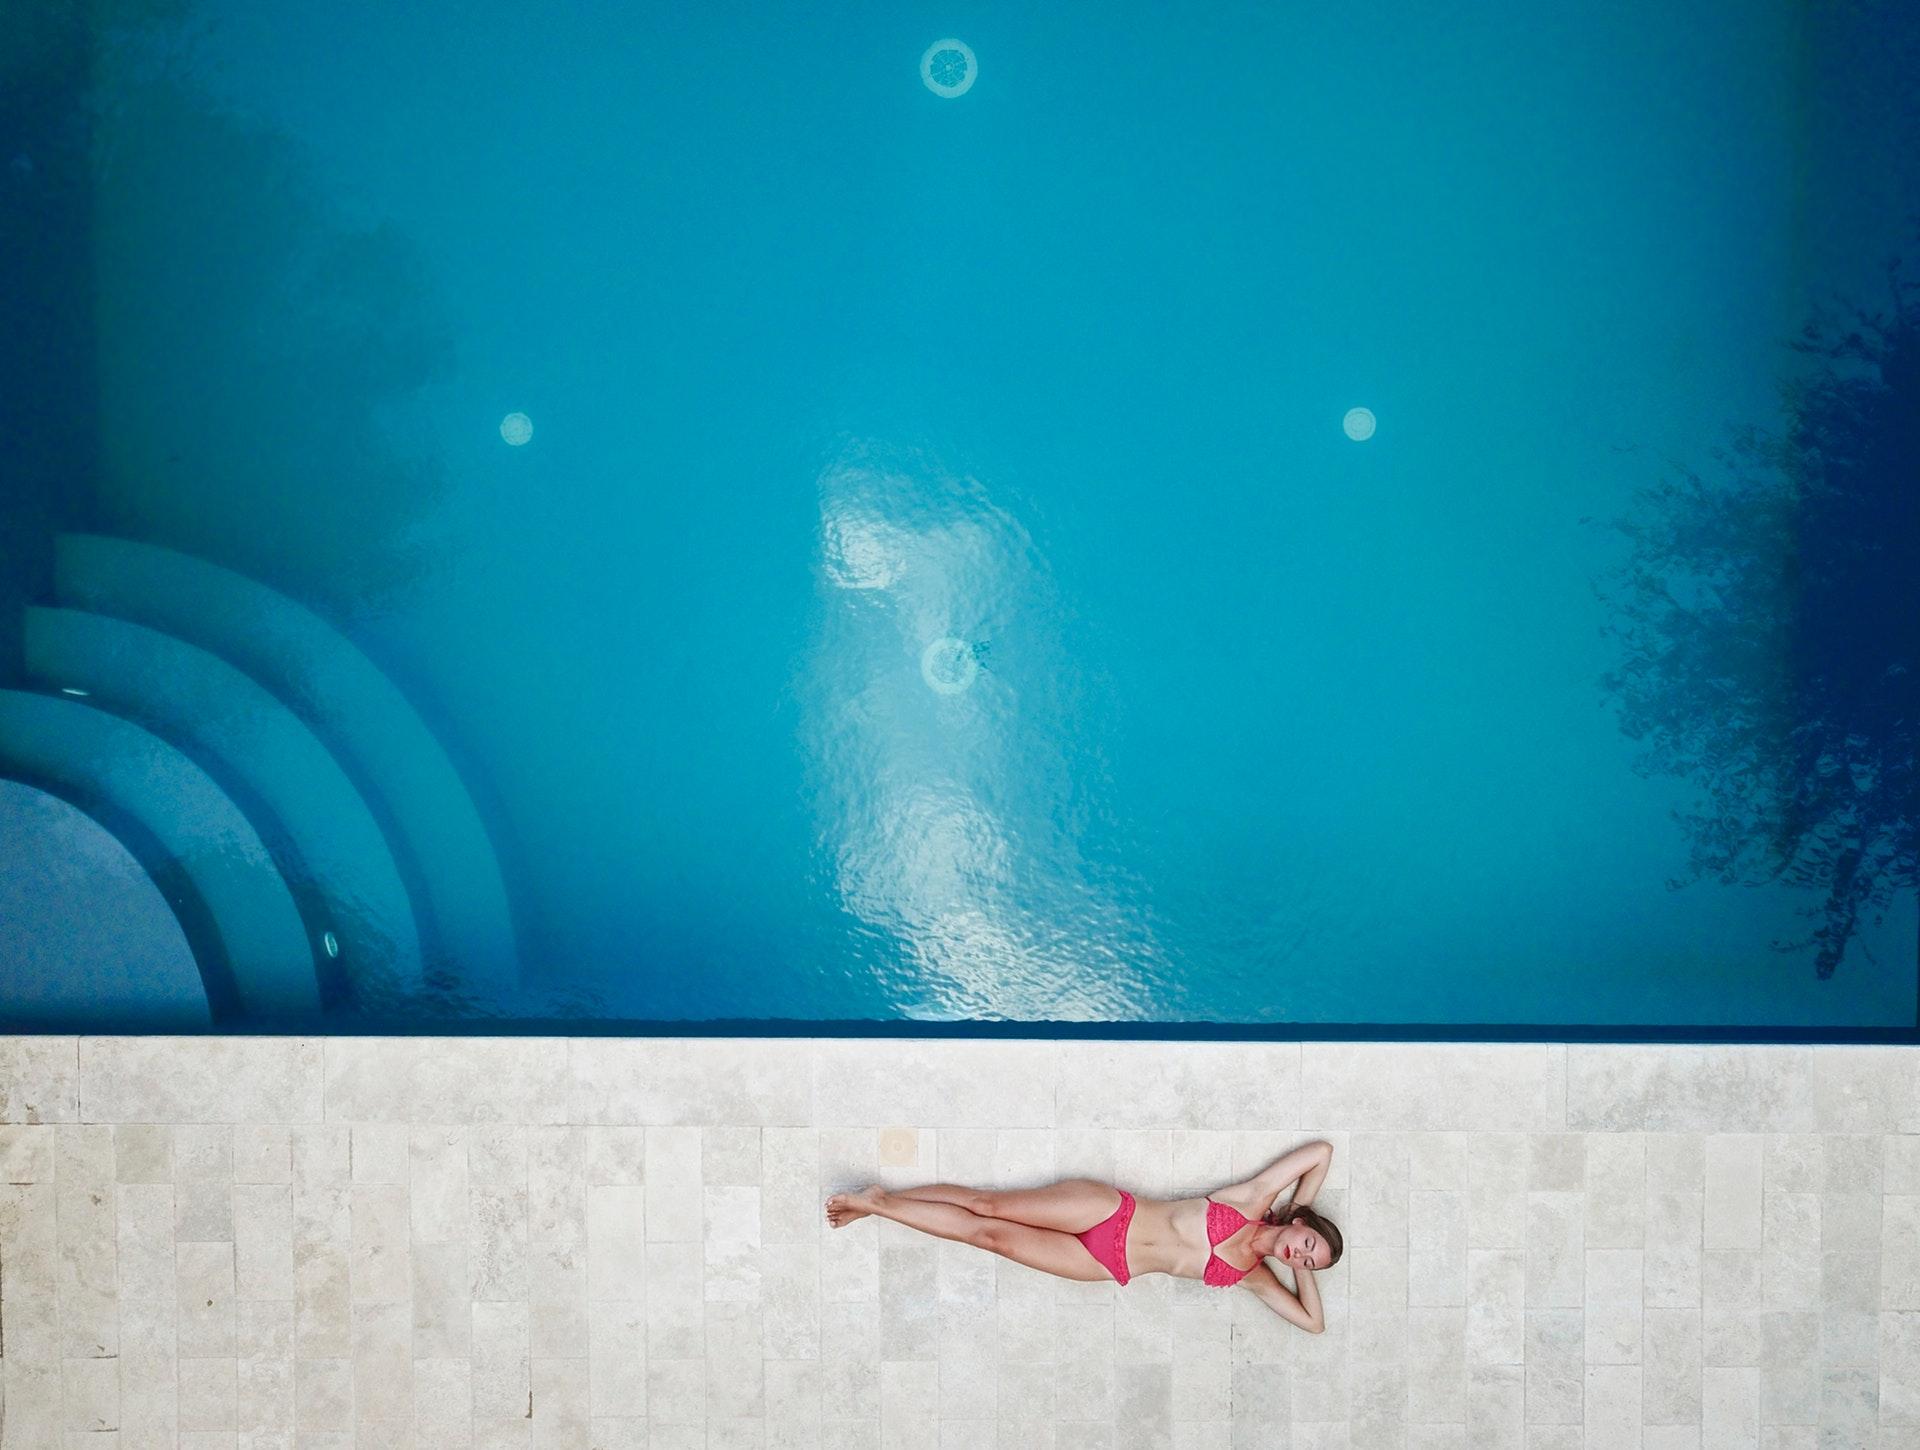 zwembadexpert